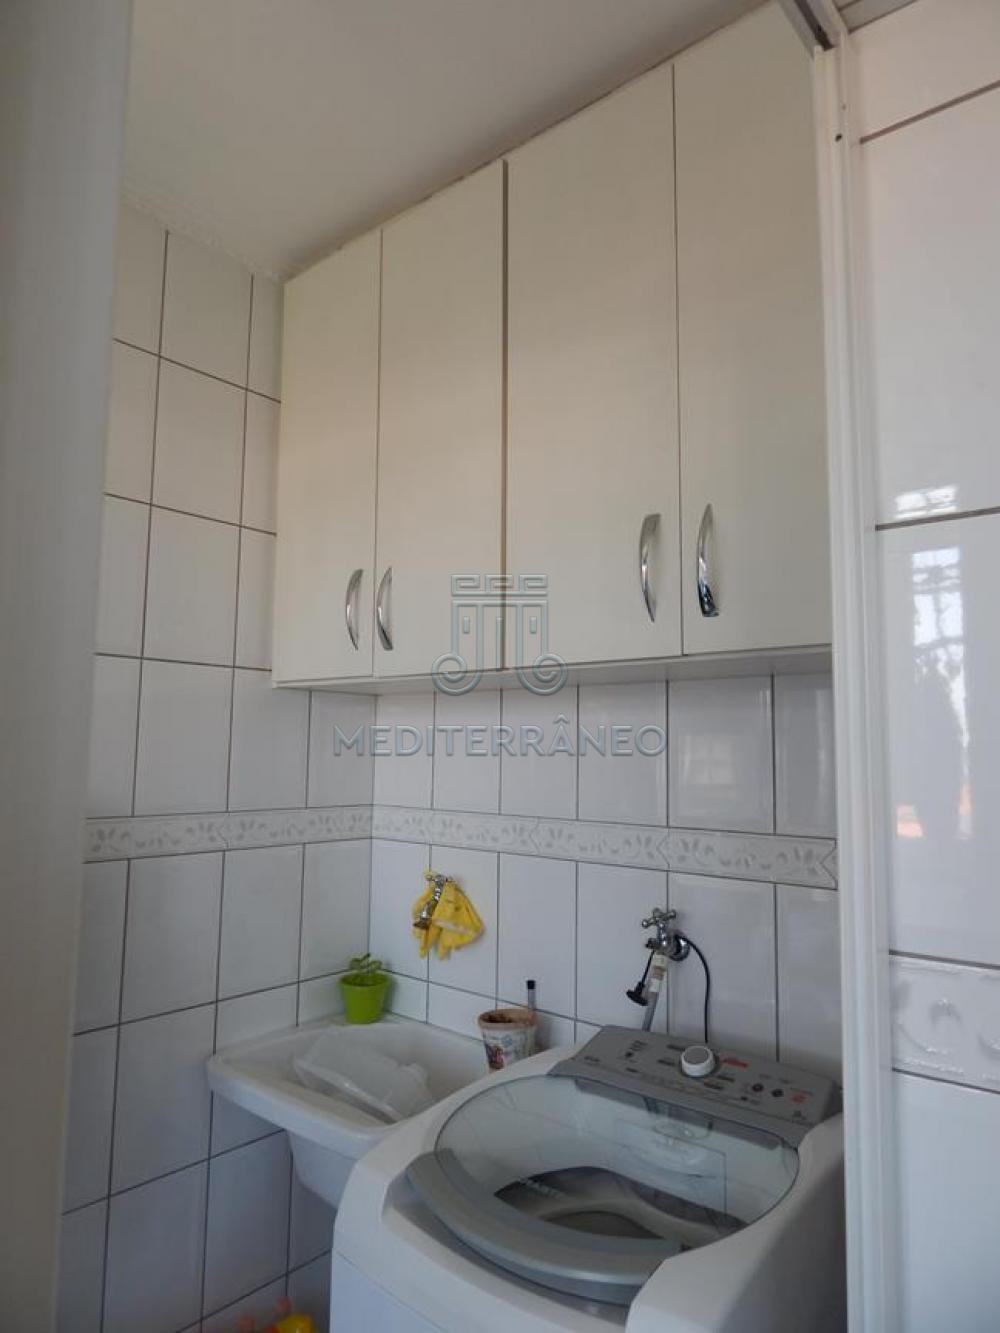 Comprar Apartamento / Padrão em Jundiaí apenas R$ 260.000,00 - Foto 7